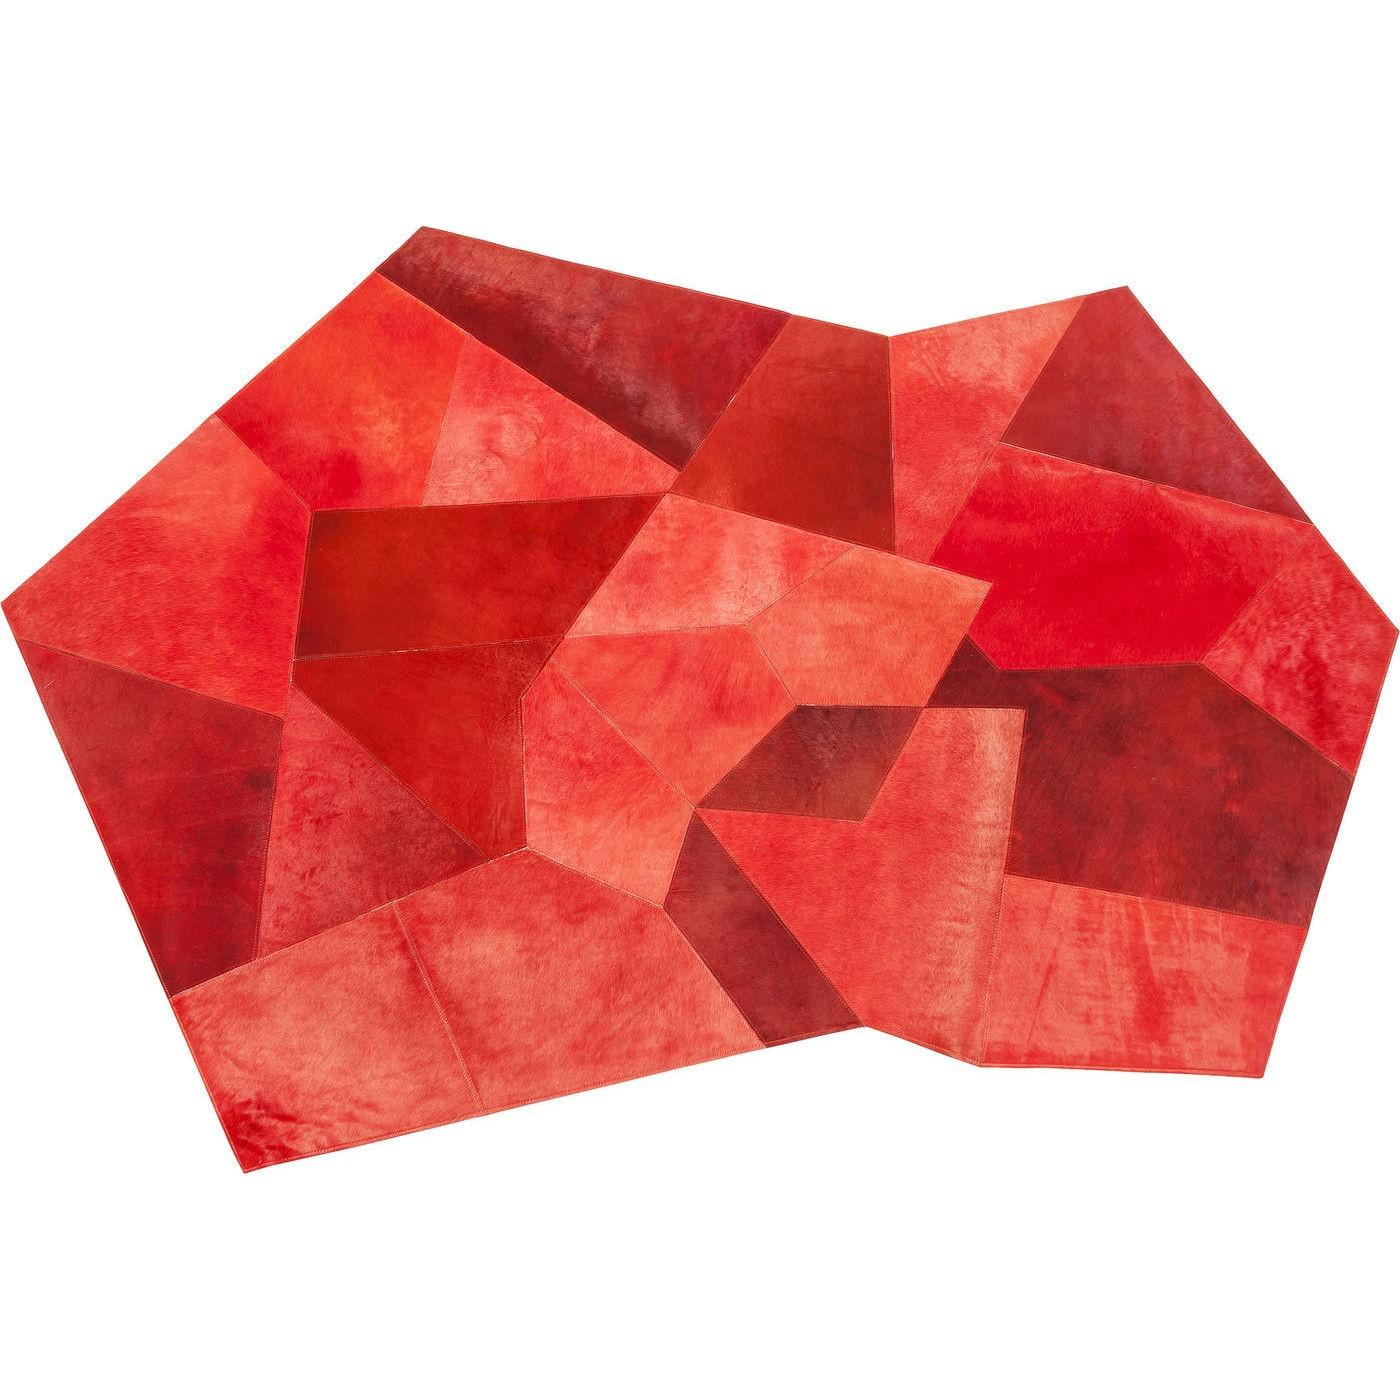 Billede af Tæppe Asymmetrisk Rød 240 x 170 cm